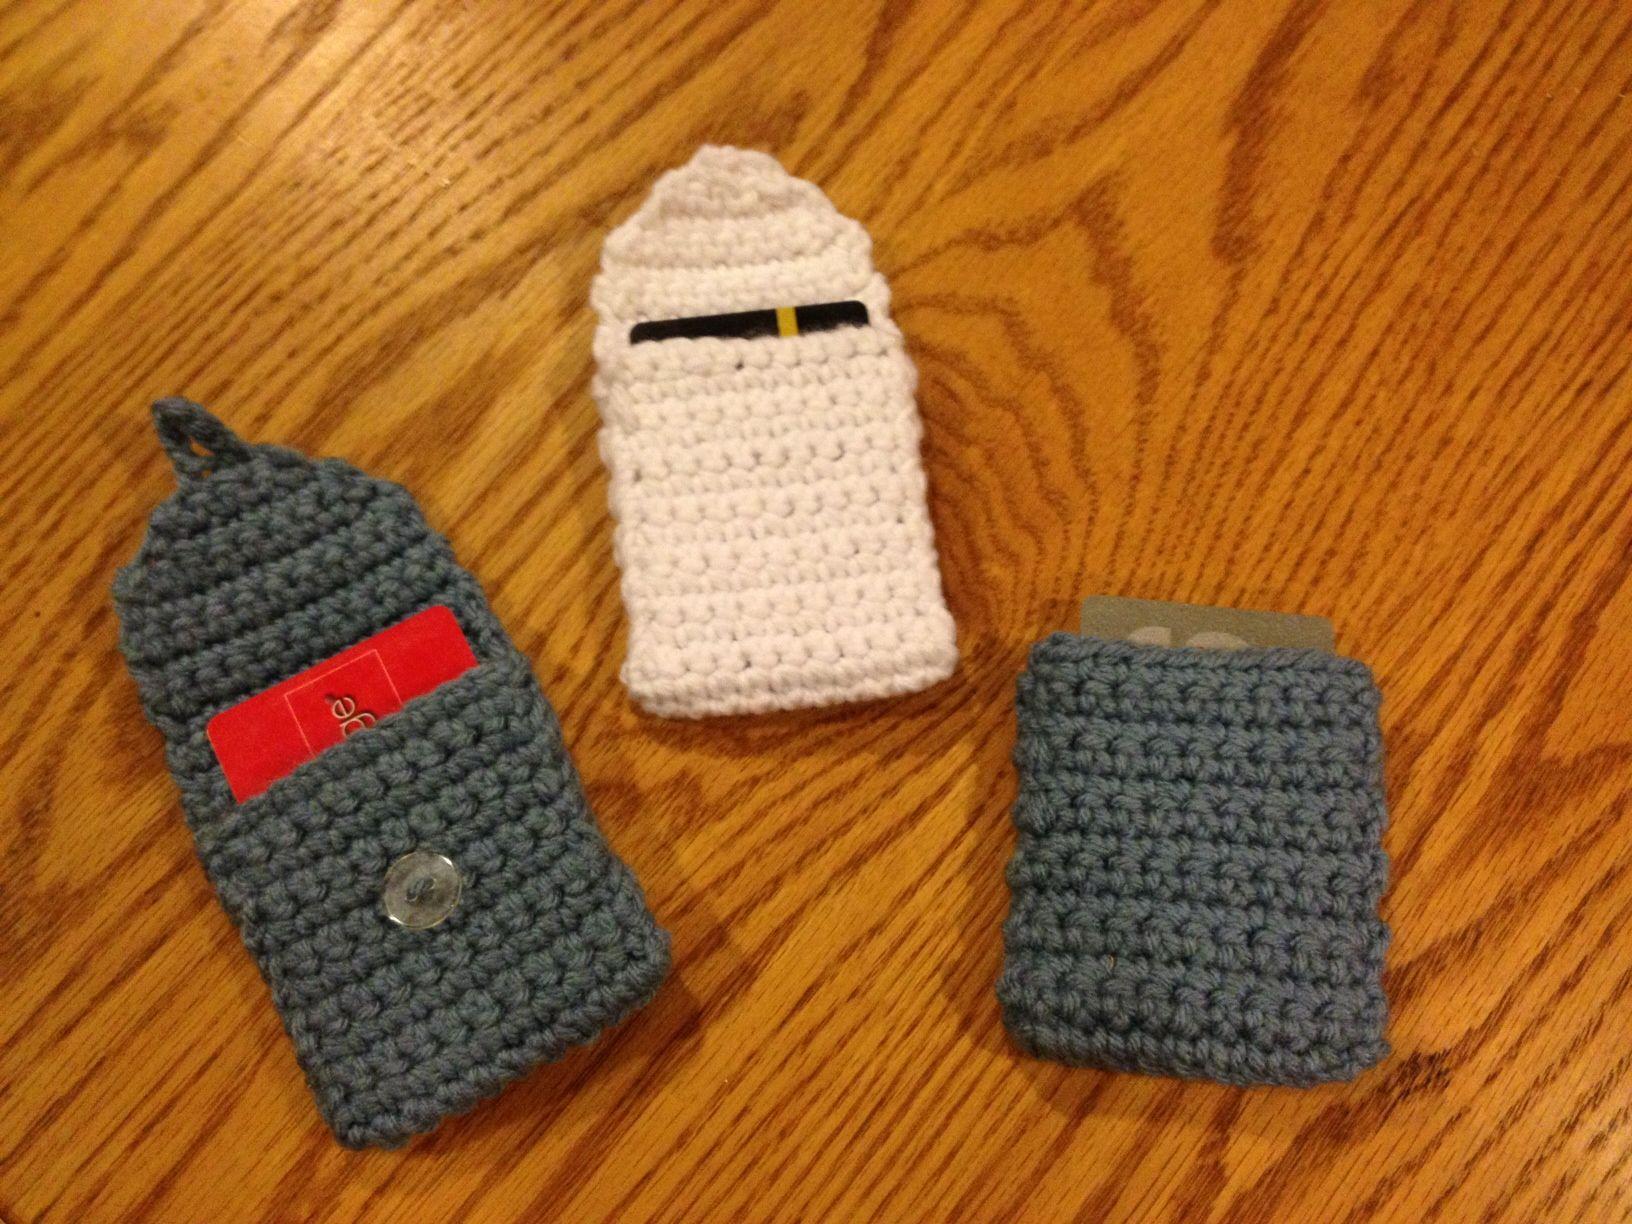 Crochet gift card holder pattern crochet gifts crochet and patterns crochet gift card holder pattern bankloansurffo Gallery